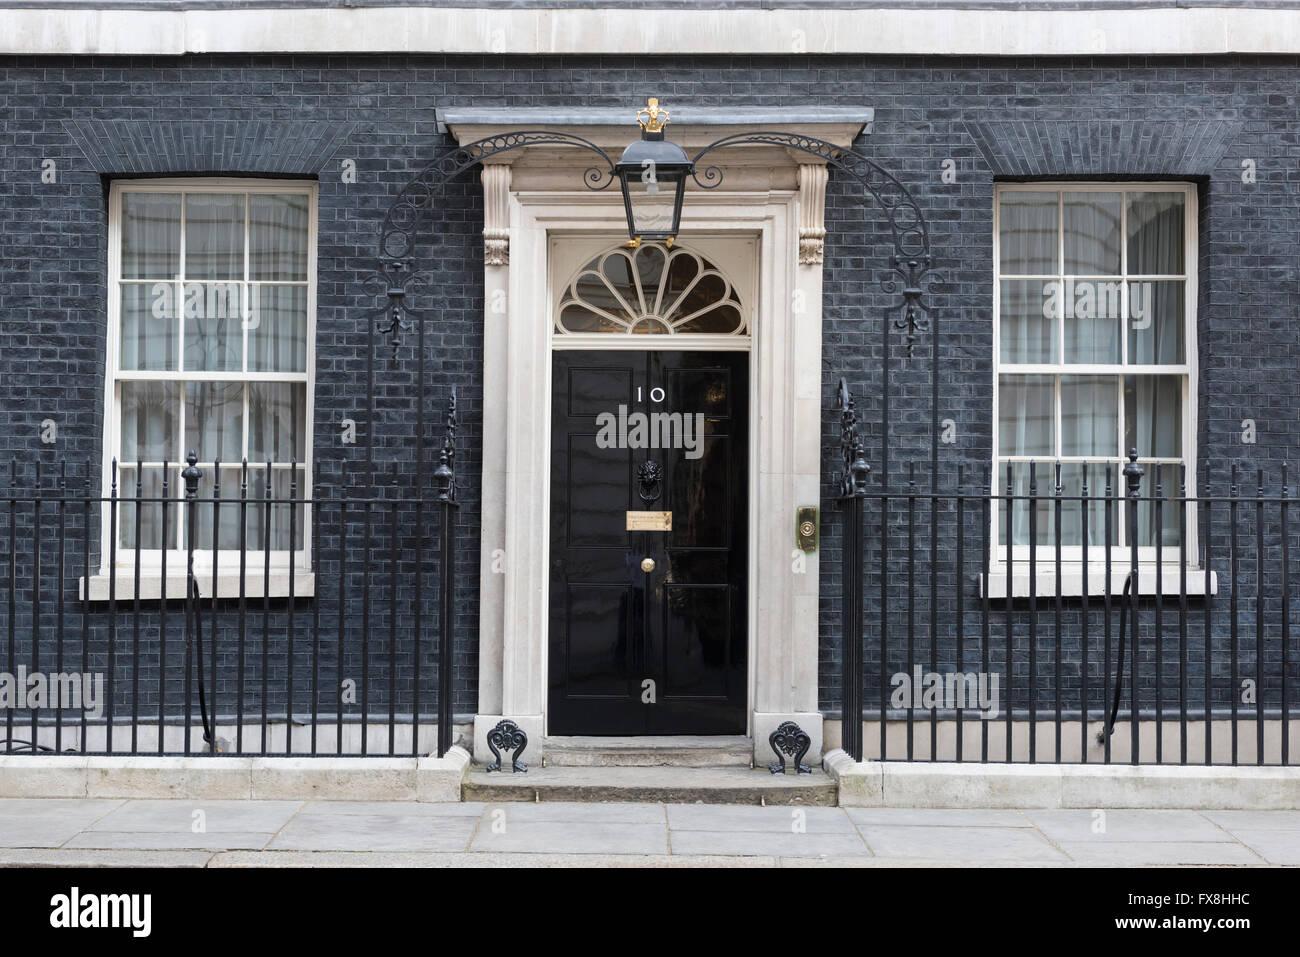 Der geschlossene Eingangstür des Number 10 Downing Street, London, England. Dies ist die offizielle Residenz Stockbild